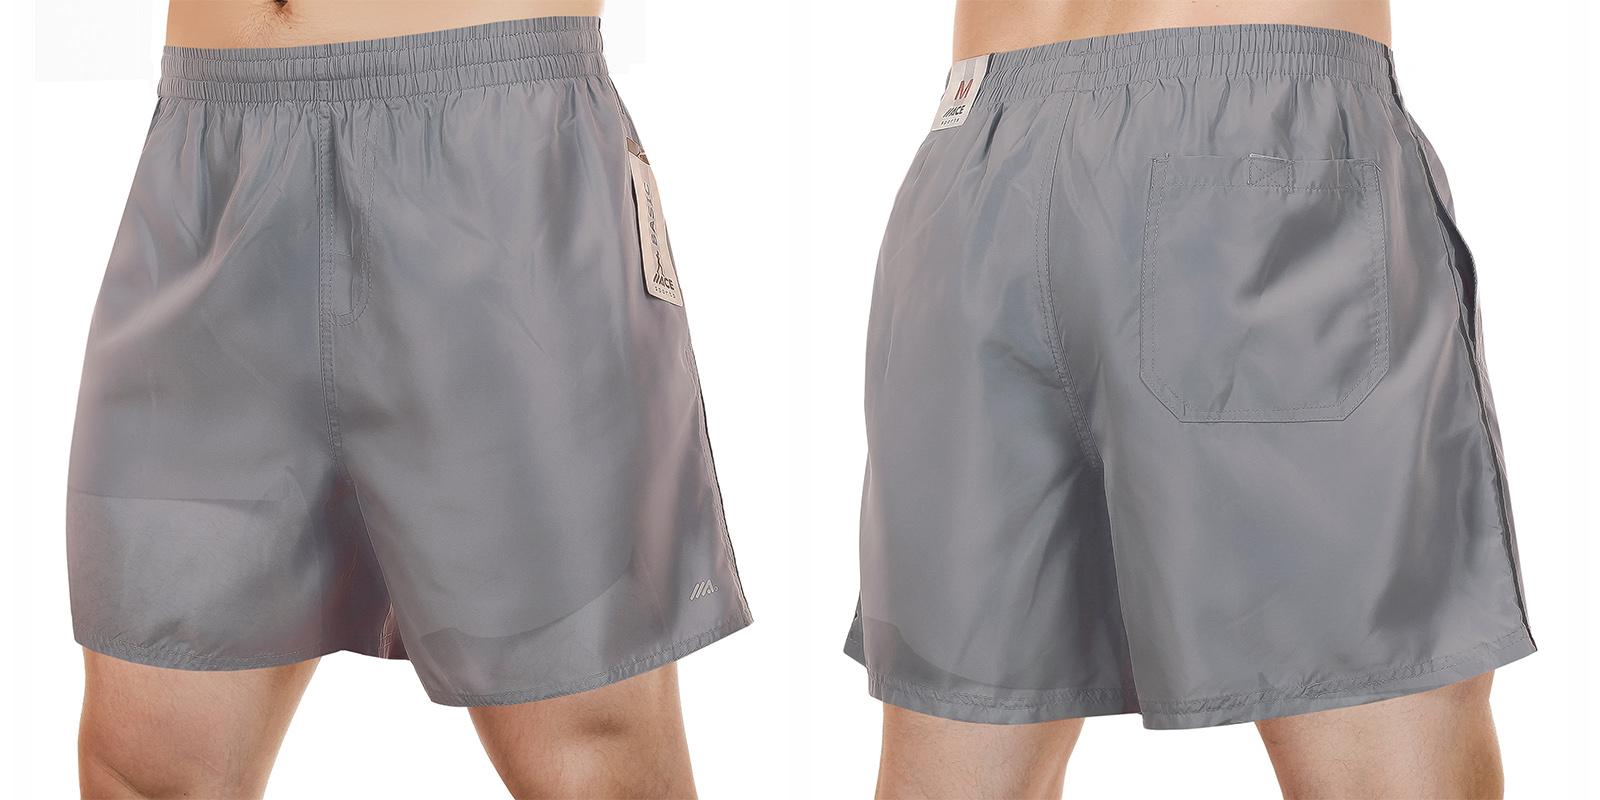 Заказать короткие шорты от канадского бренда MACE